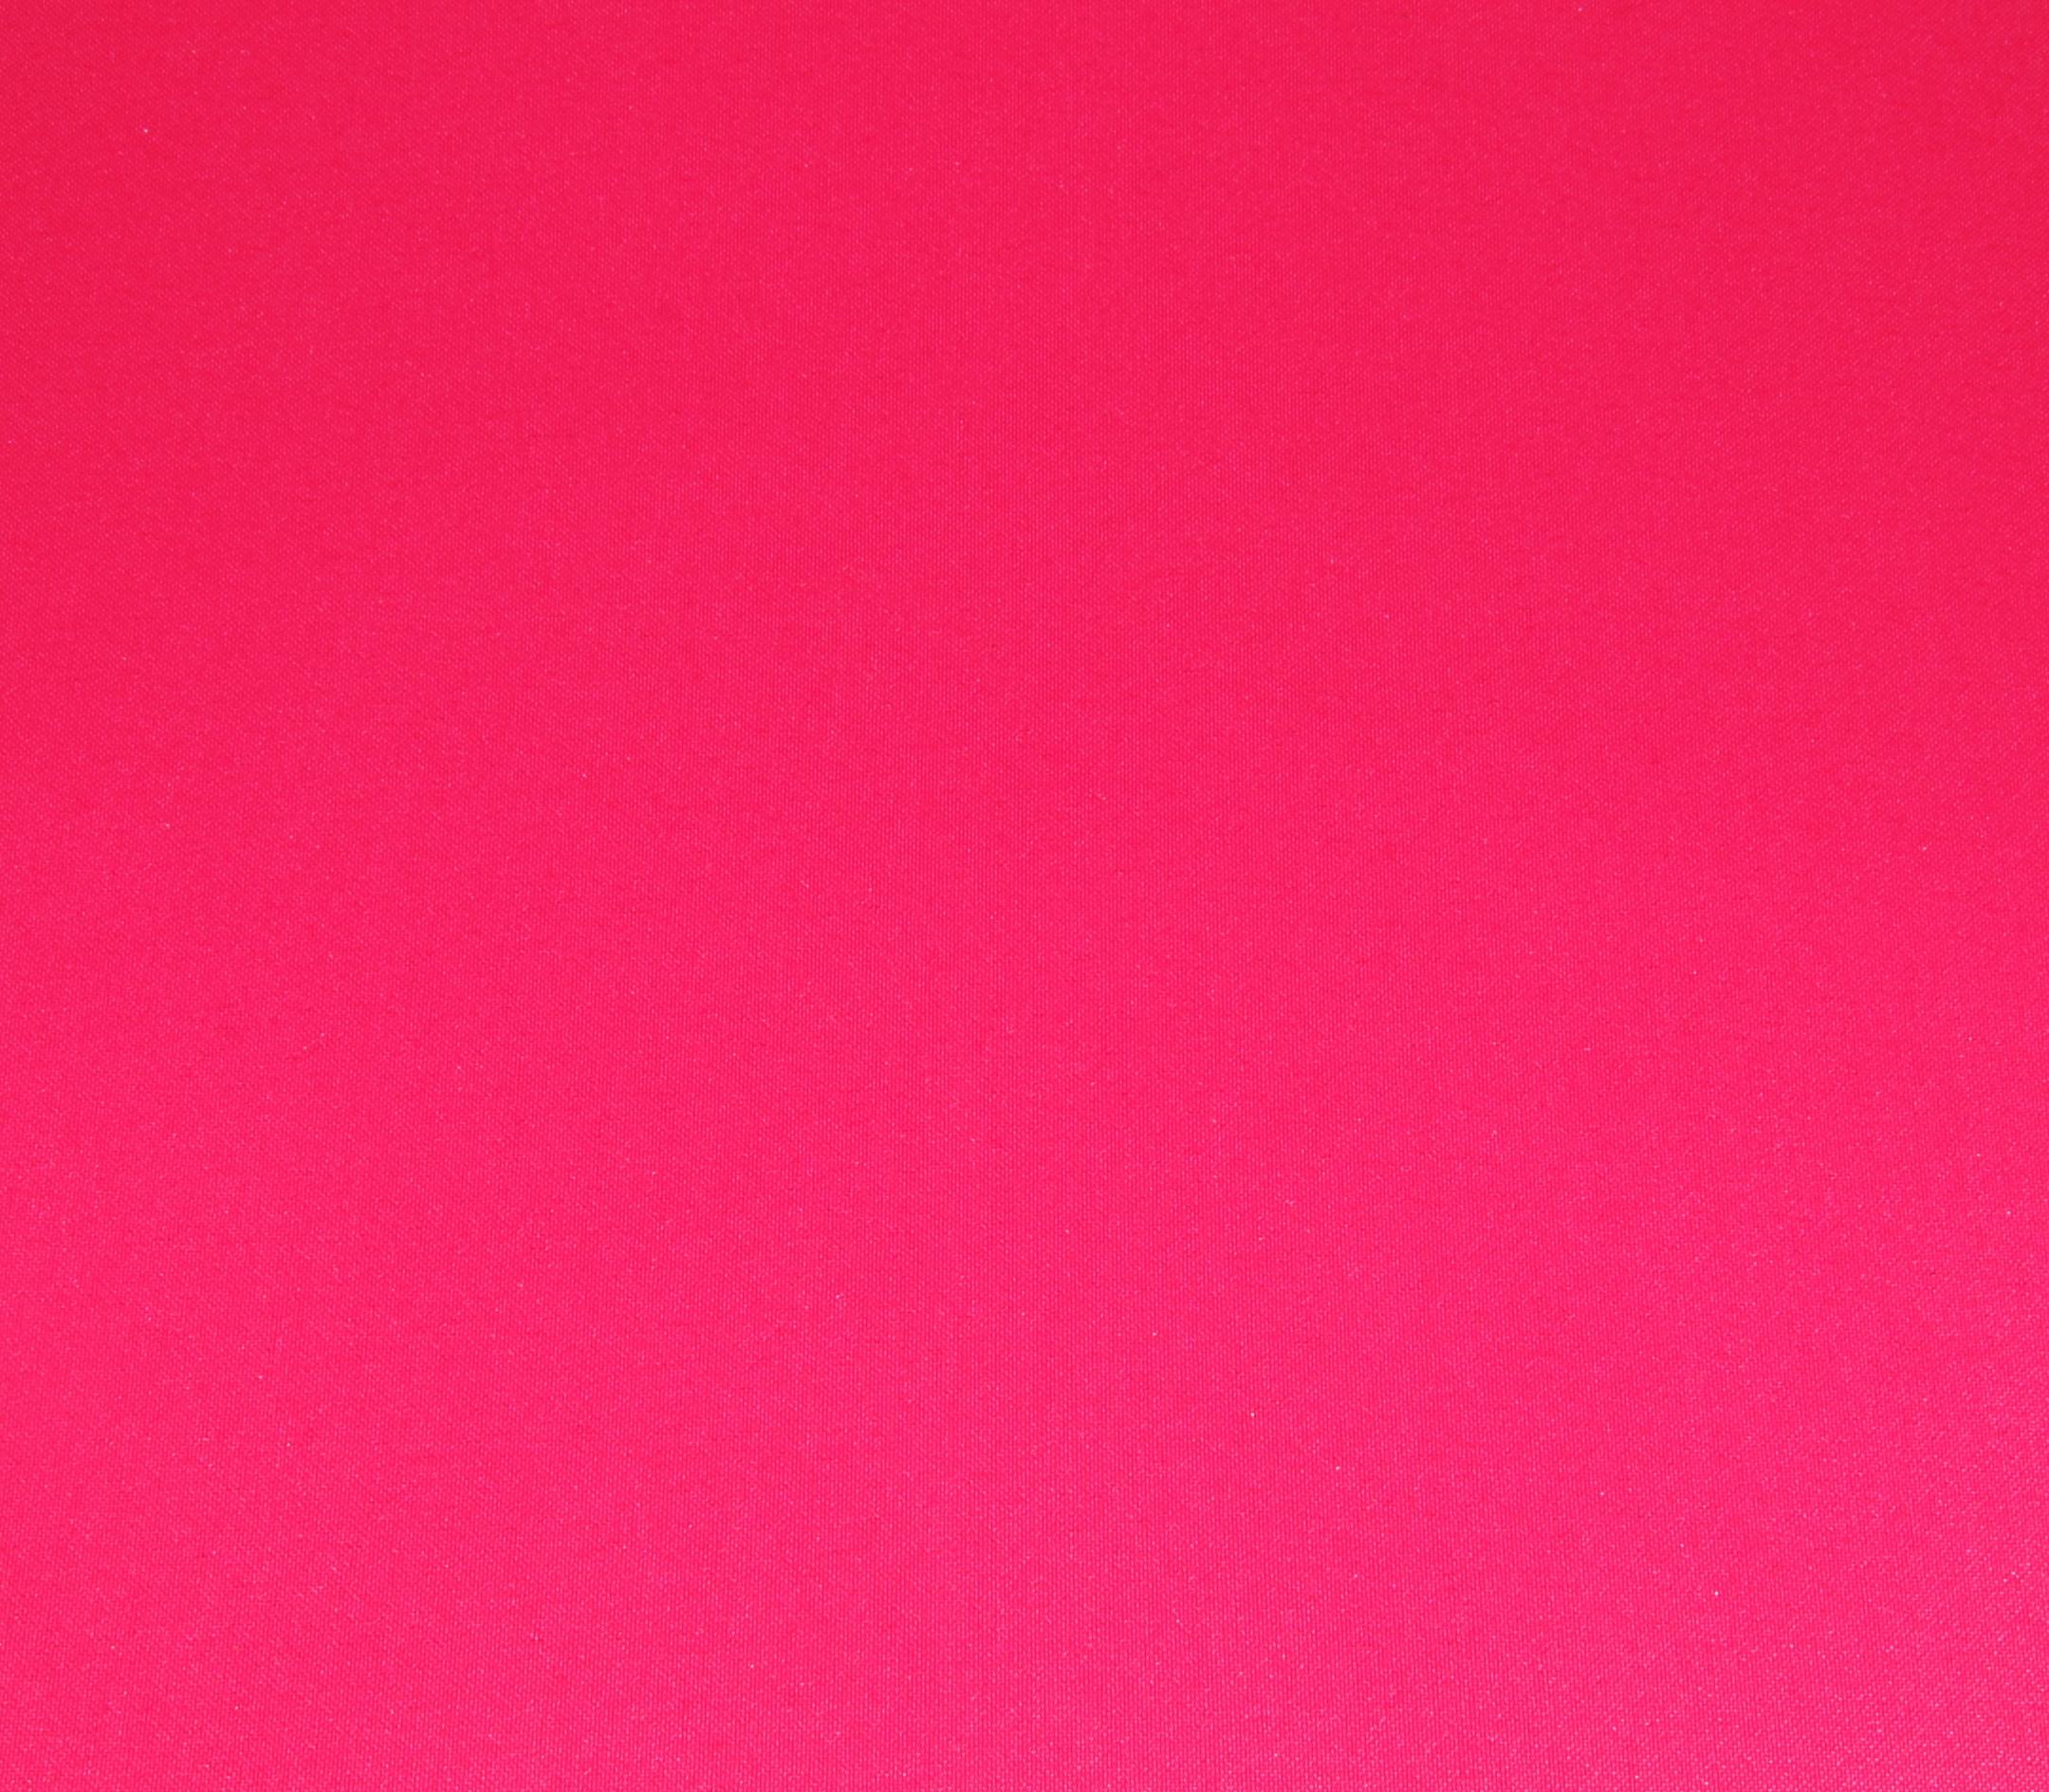 neon pink chair nursery rocking walmart bergen linen polyester sash